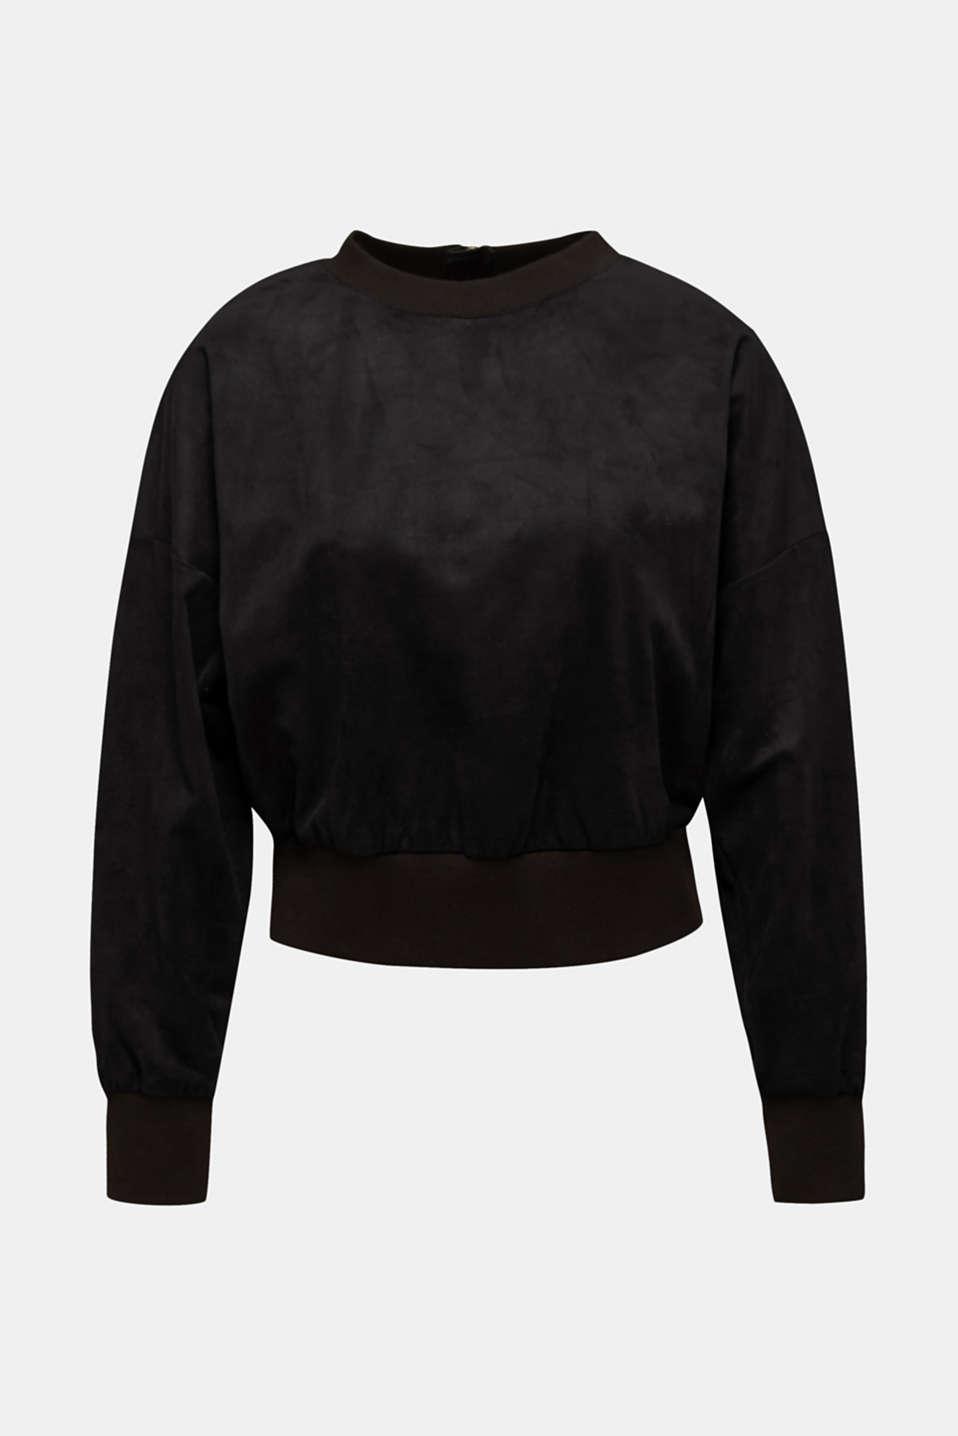 Short sweatshirt in faux suede, BLACK, detail image number 7